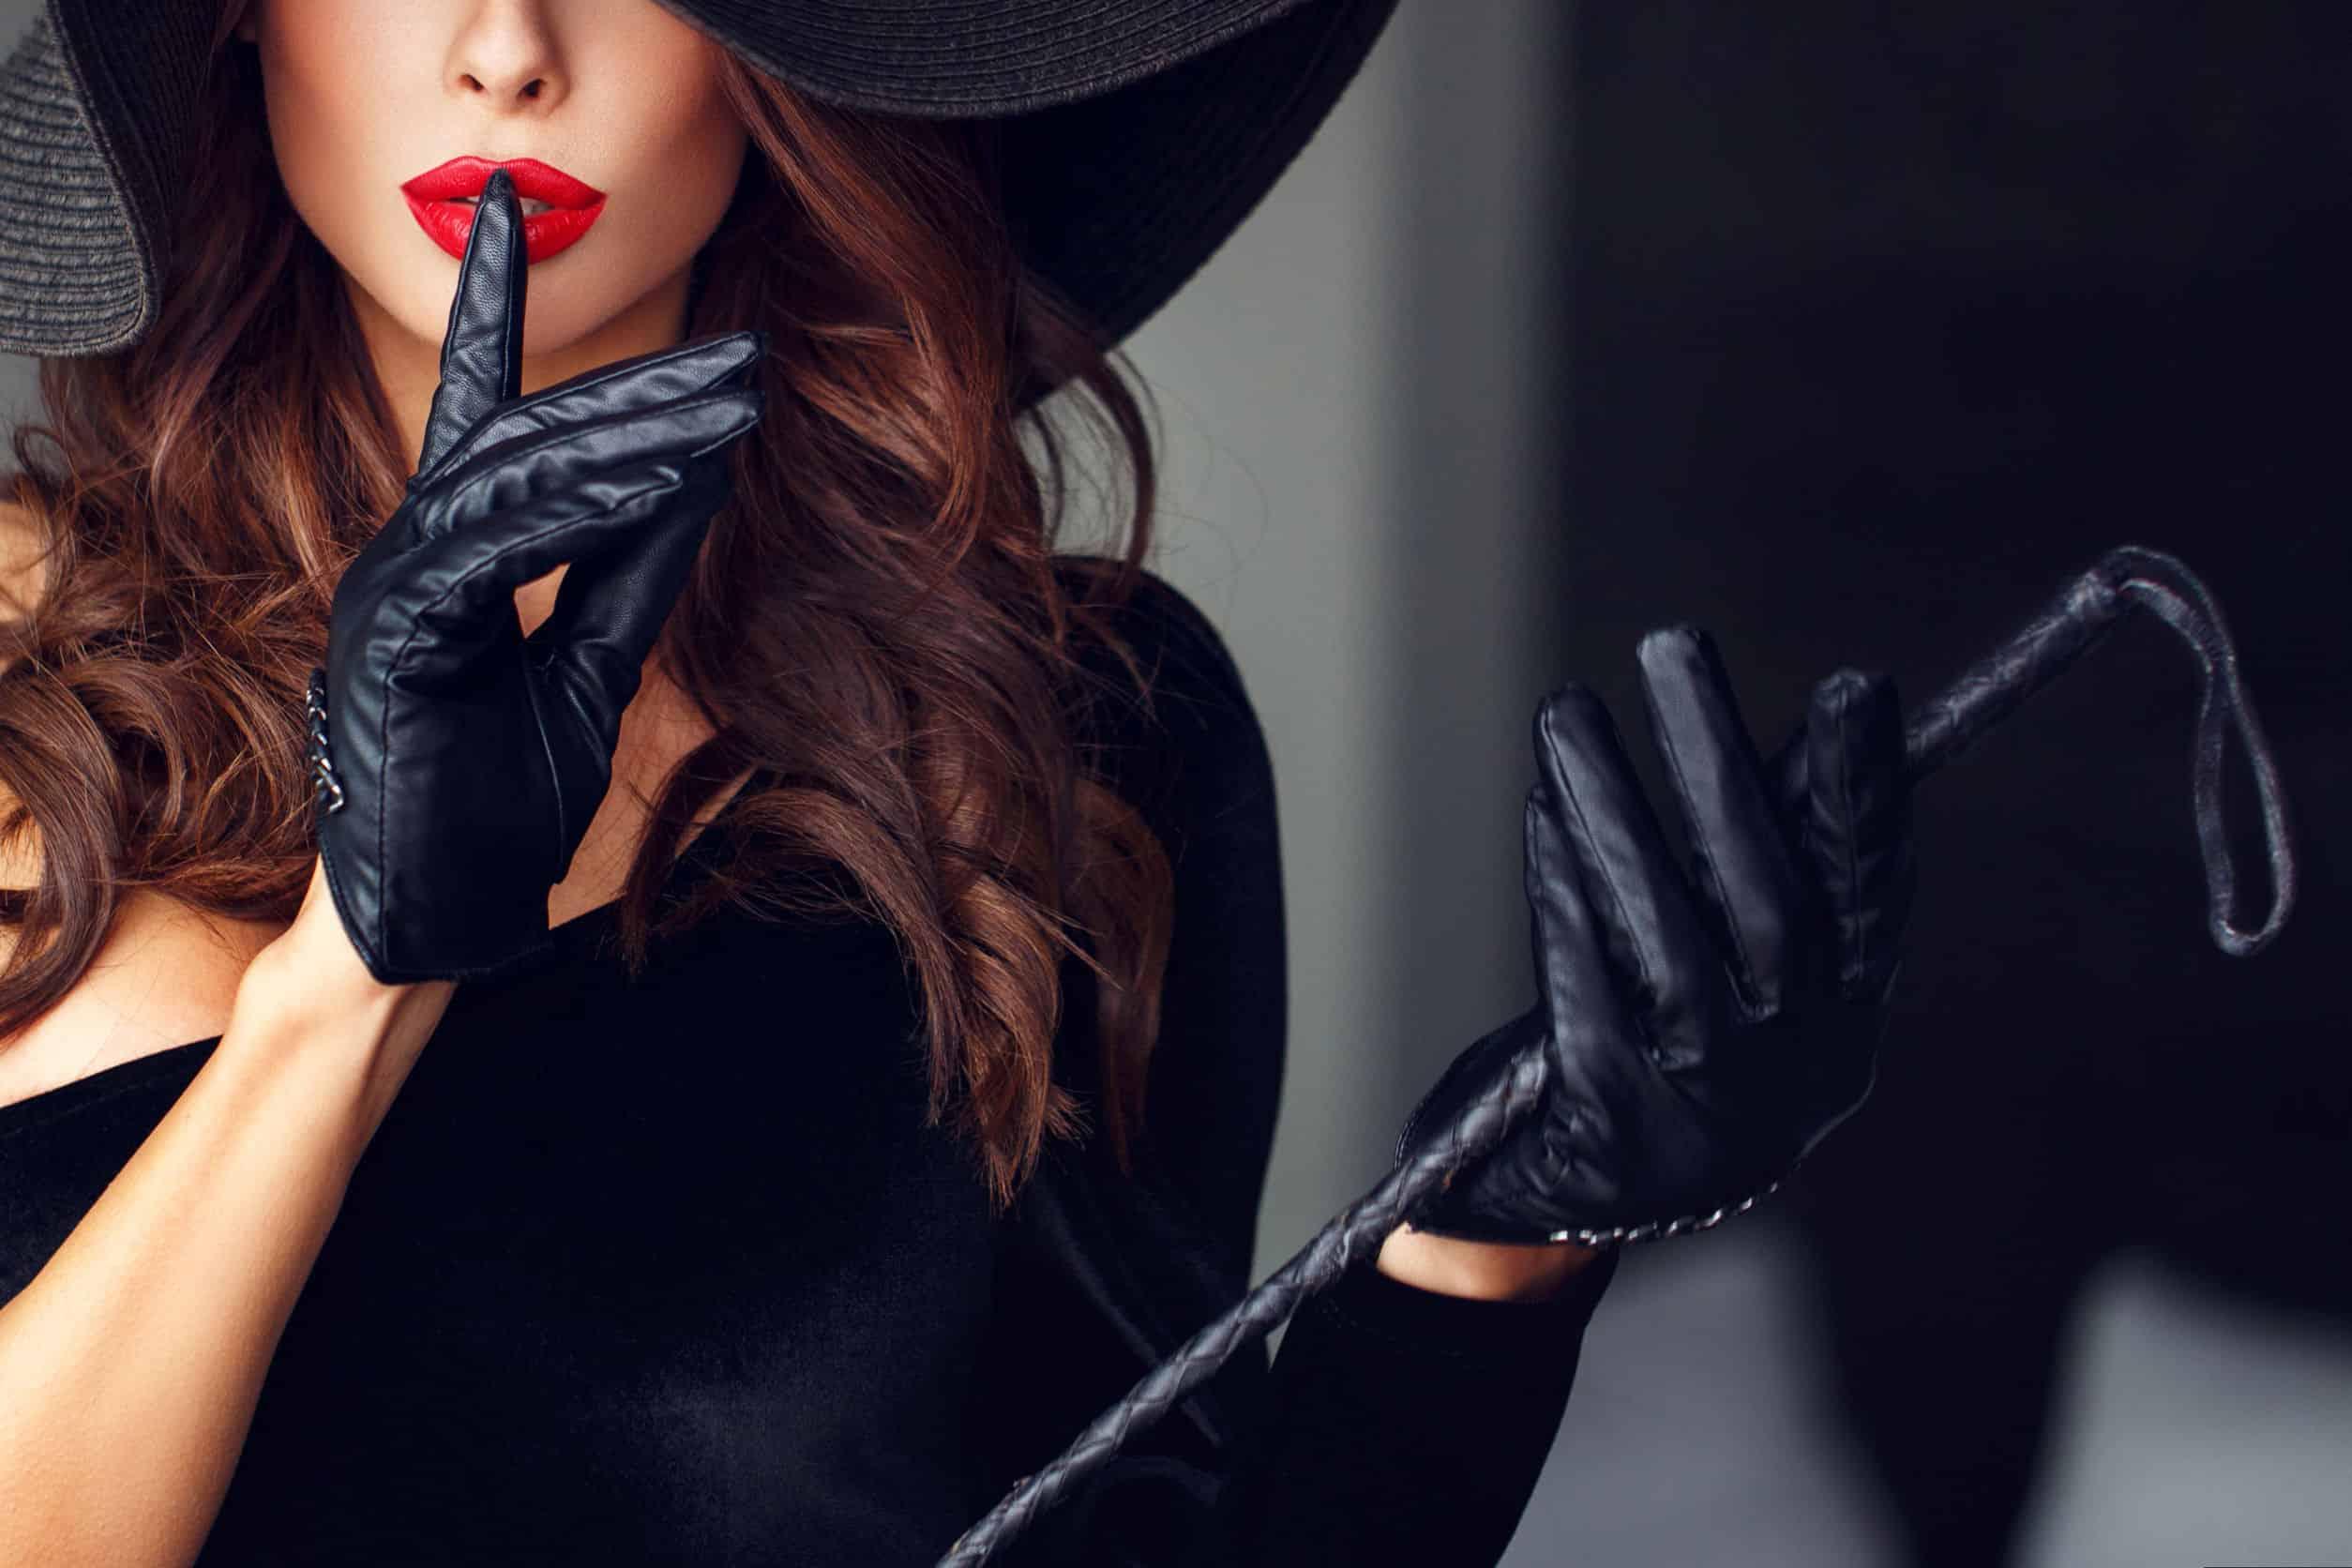 Brinquedos sexuais para mulheres: Qual é o melhor de 2020?